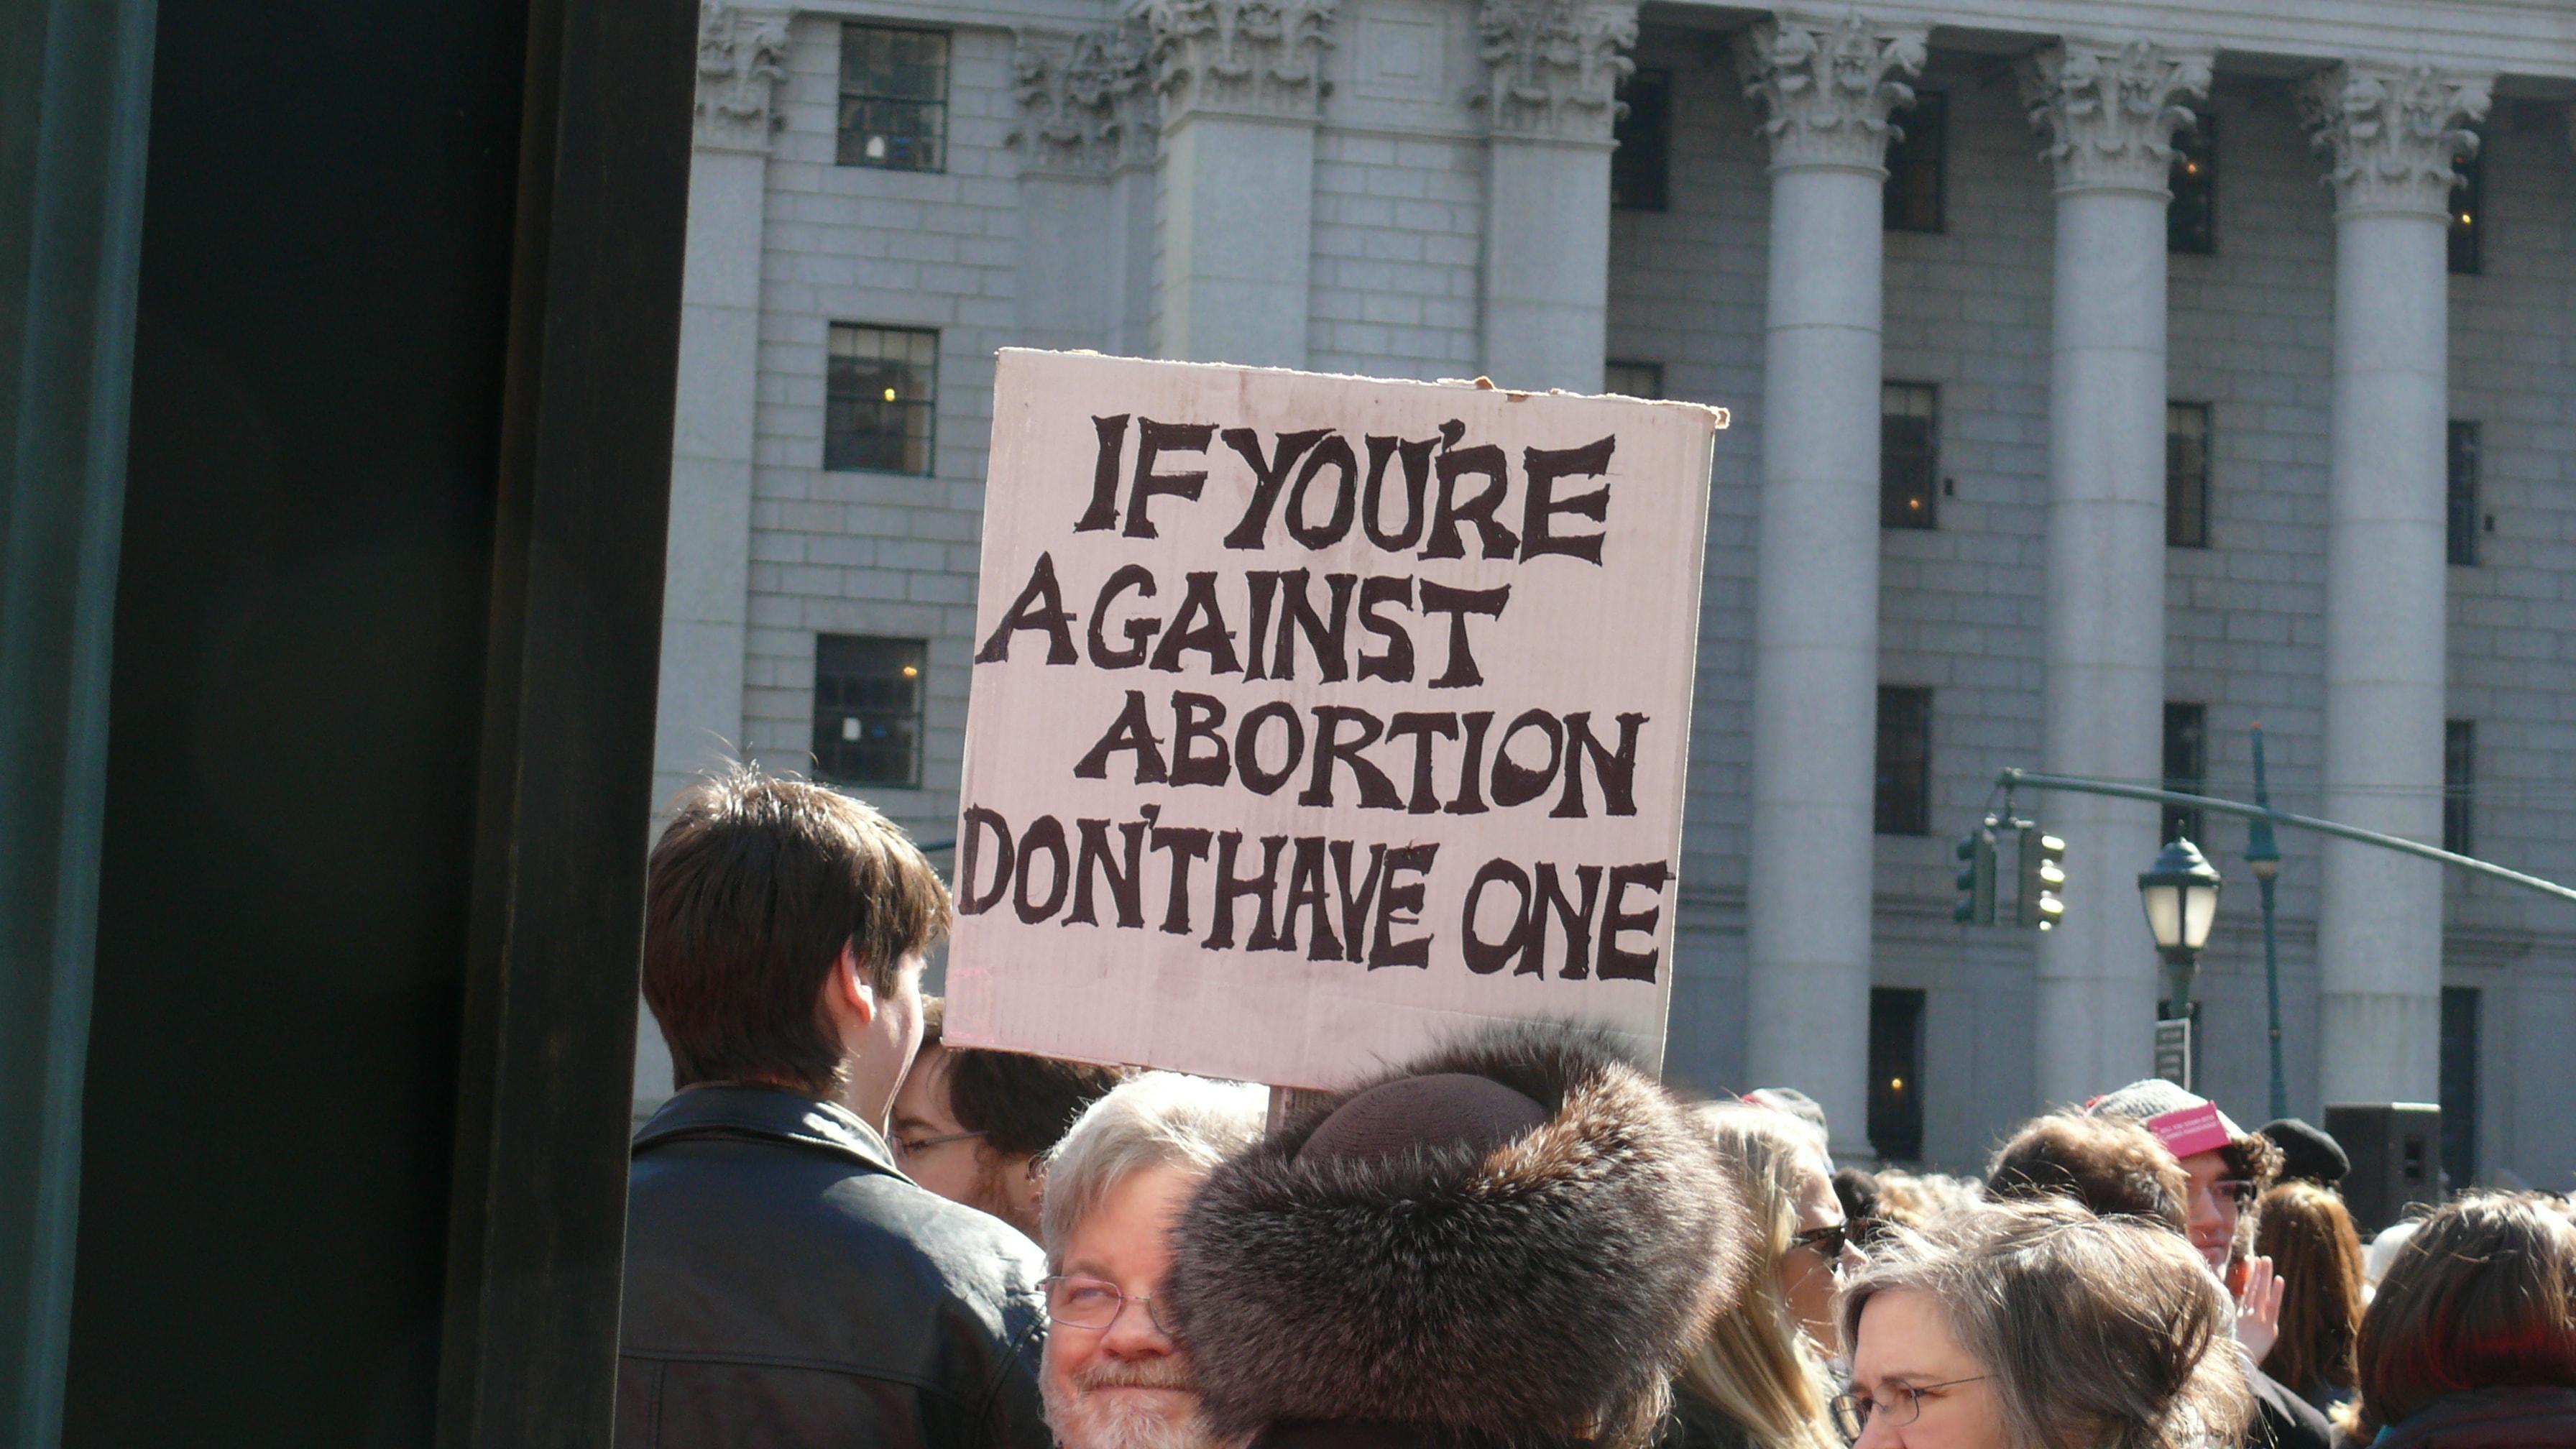 Abort on USAs kõikjal riigis lubatud alates 1973. aastast, kuid siiani leidub tuliseid vastuvõitlejaid, kelle arvates tuleks see taas keelustada. Foto: Women's eNews (CC BY 2.0)